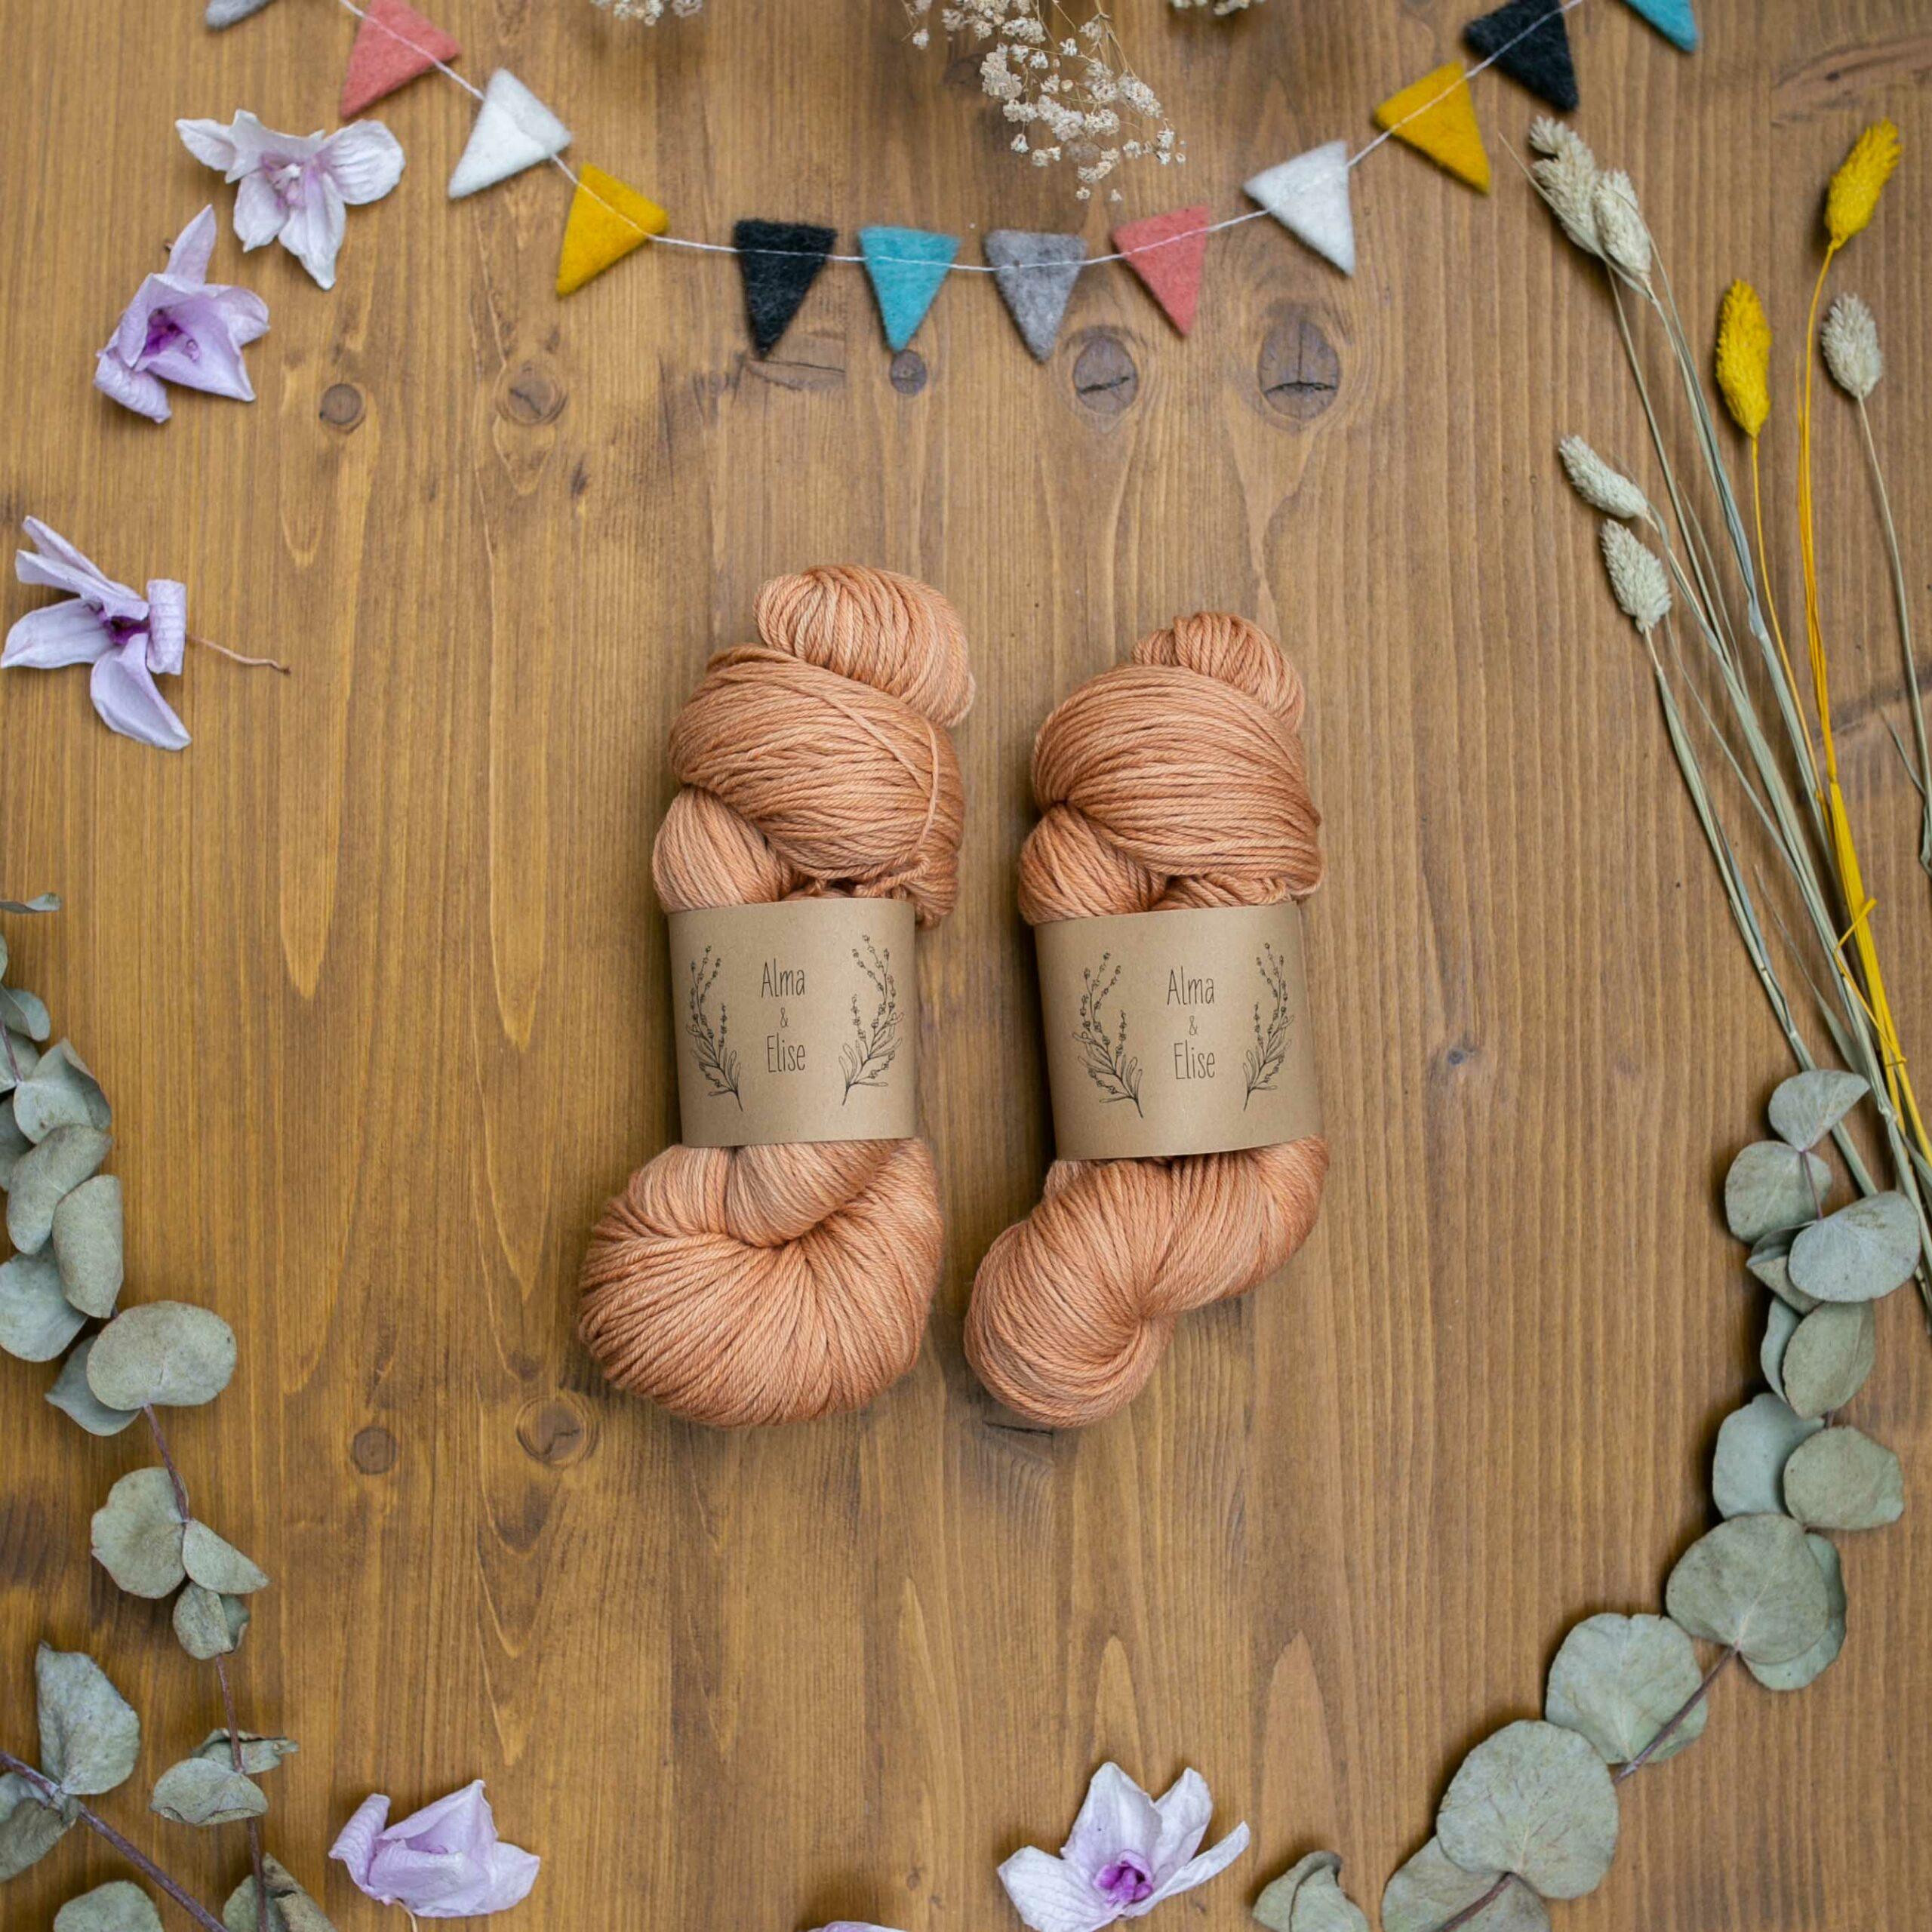 Alma & Elise - Augusta - pflanzengefärbtes Bio-Merinowollgarn in der Farbe Zwiebel - pfirsich